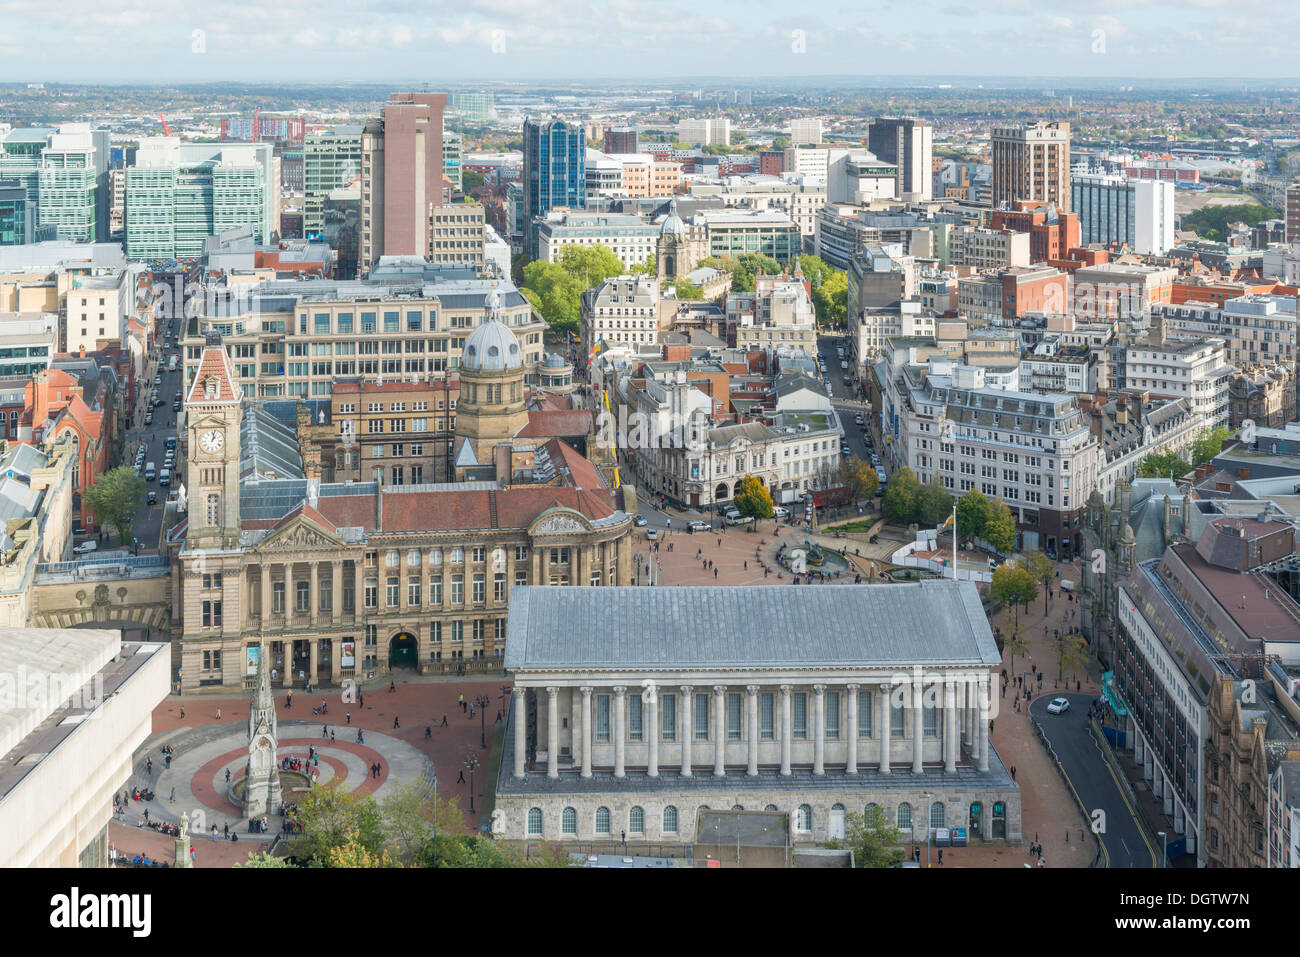 Birmingham city centre, West Midlands, England, UK, West Midlands, England, UK Stock Photo